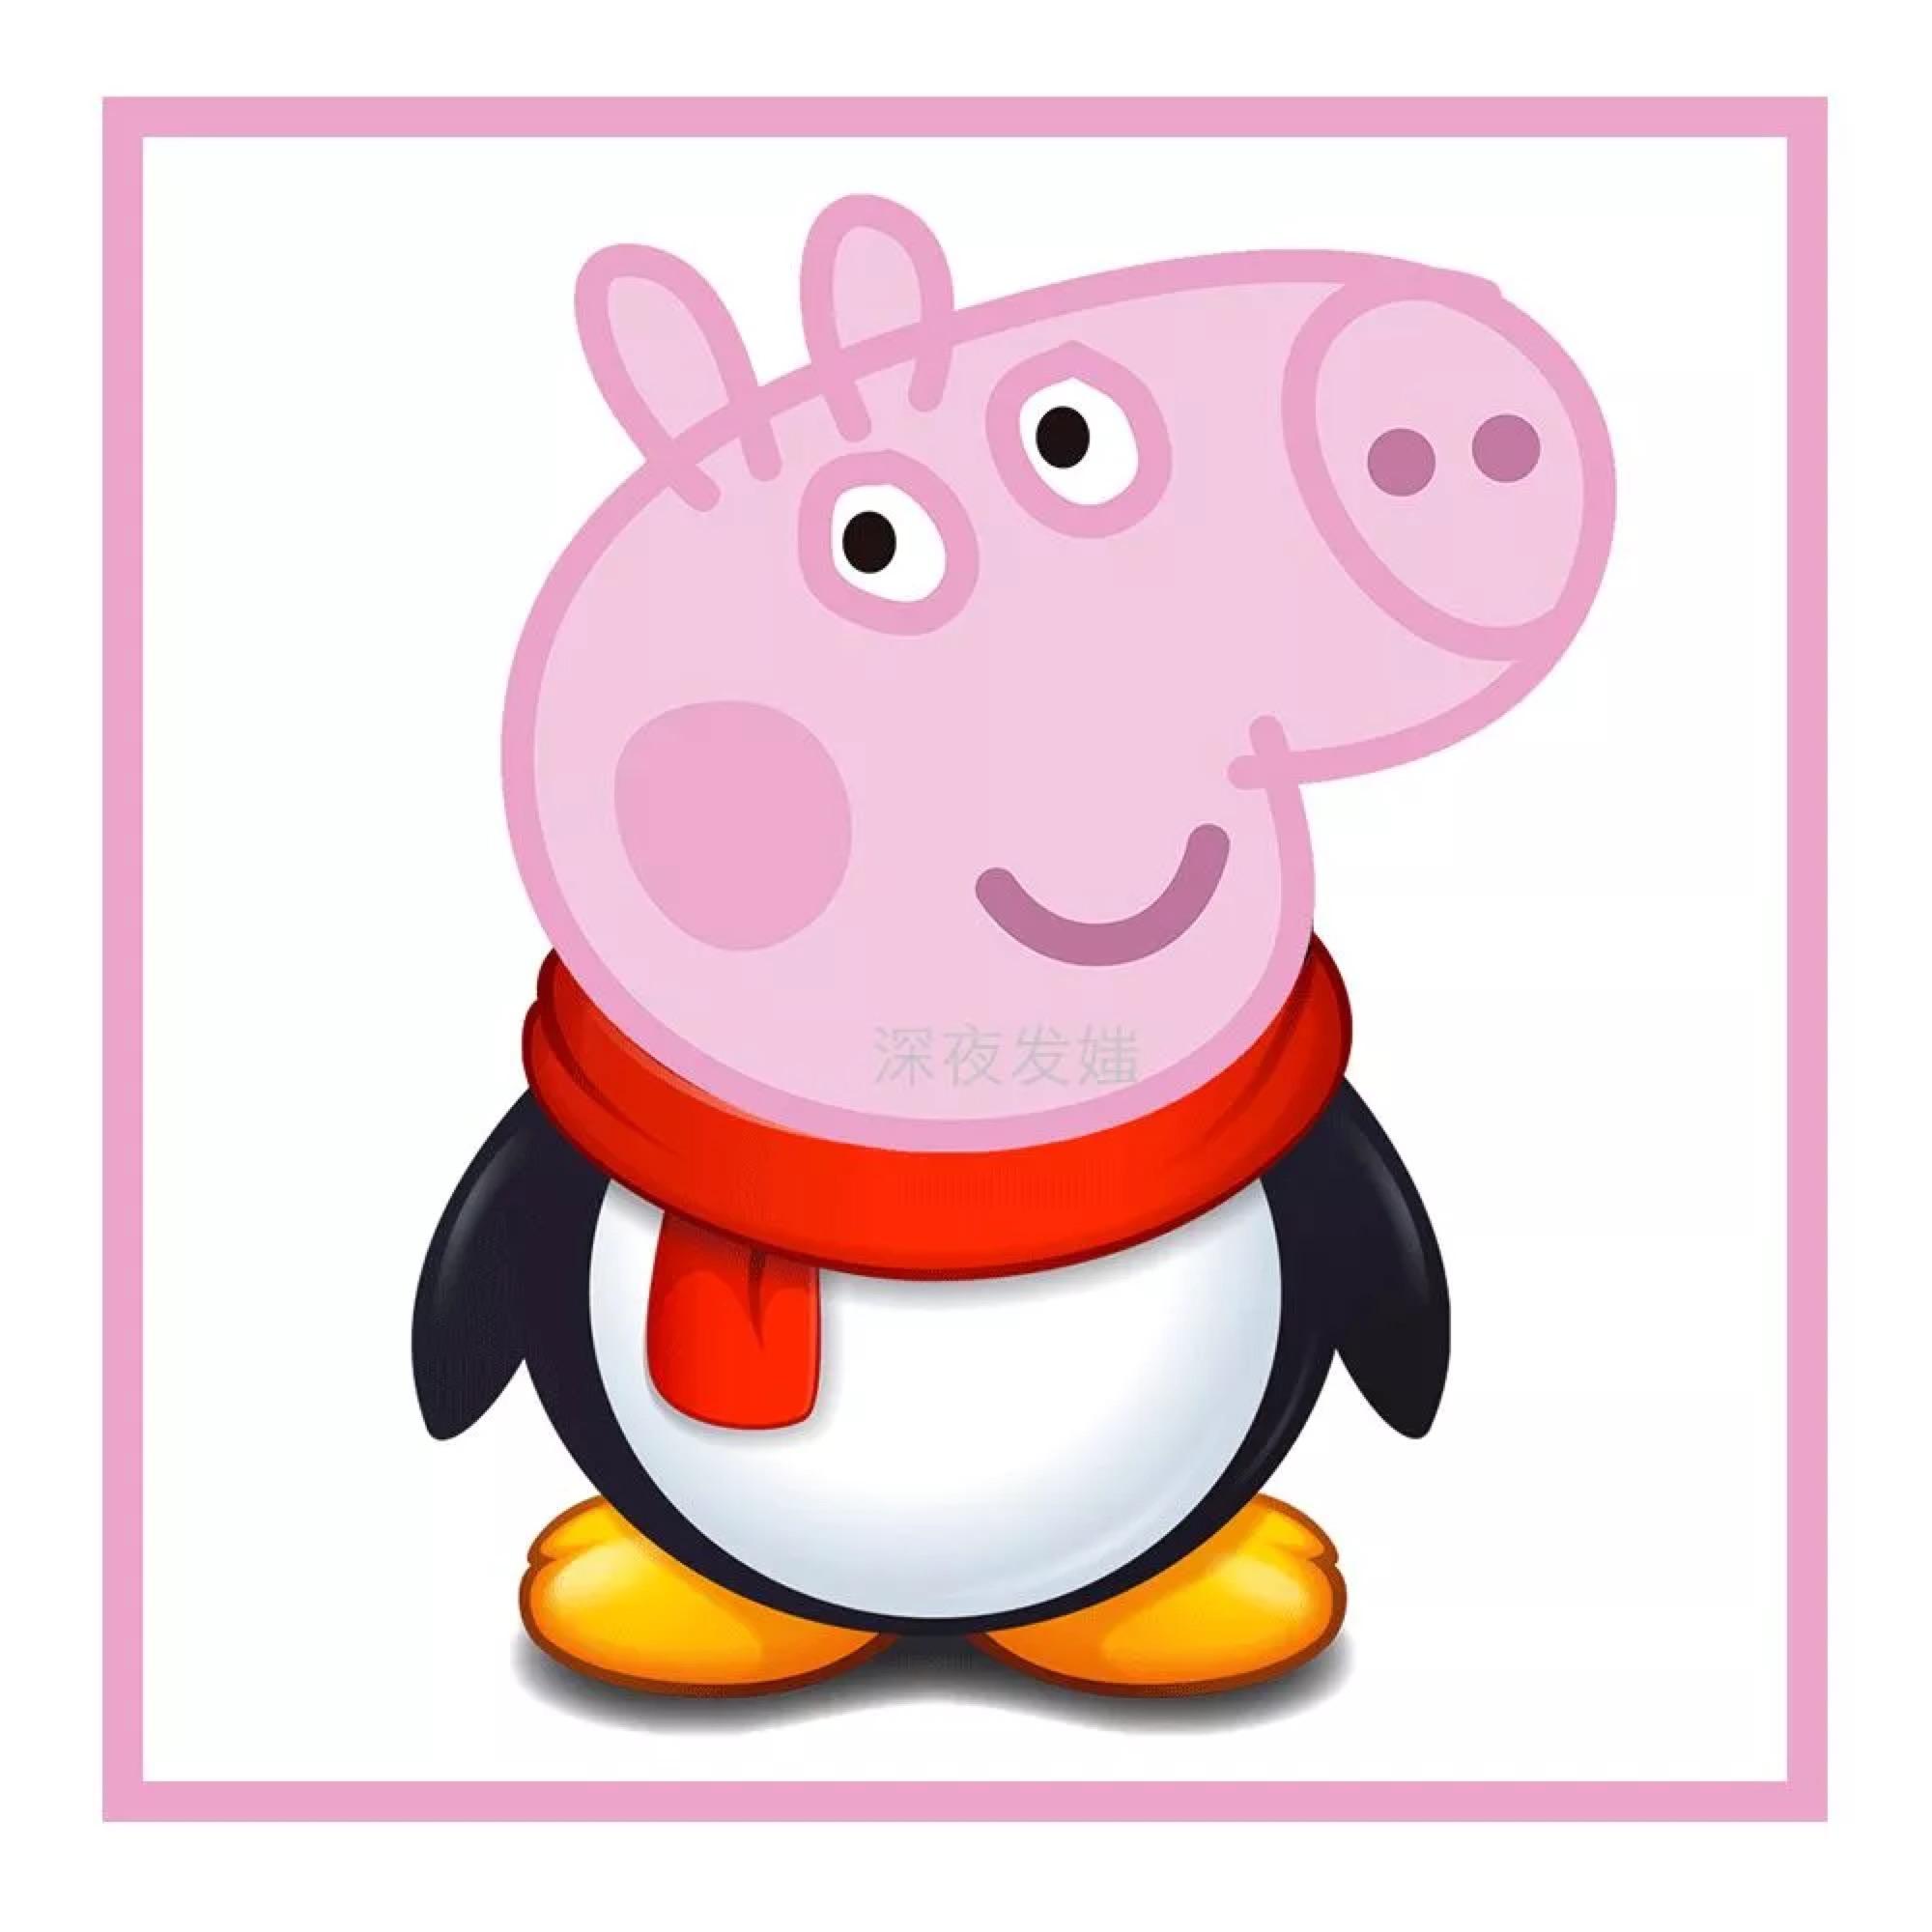 老干妈标志_小猪佩奇混搭各大品牌LOGO居然是这样!   123标志设计博客